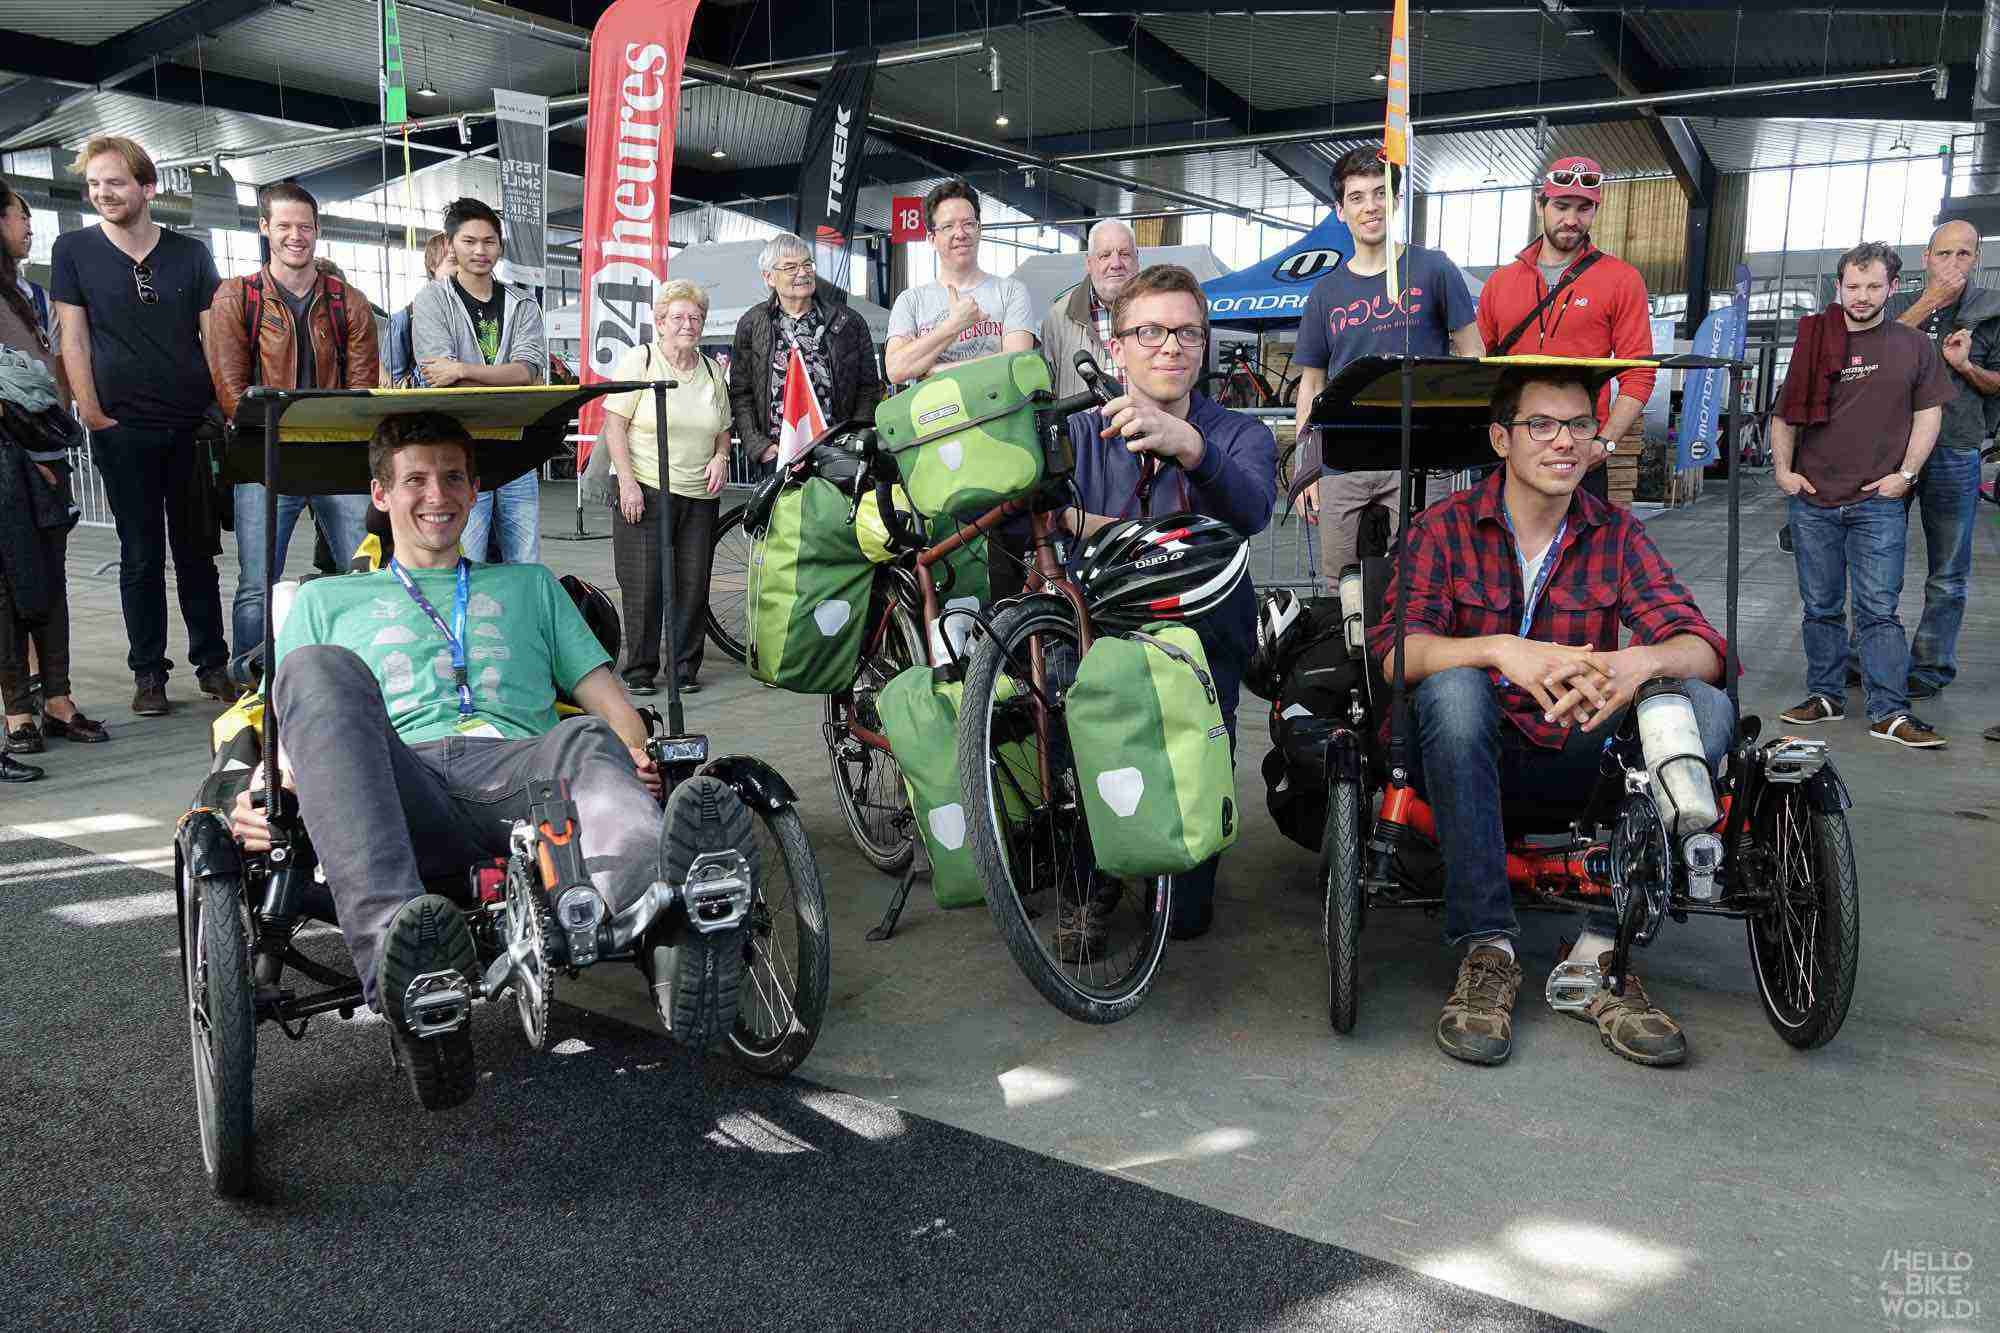 Départ du salon du vélo le 1er avril à Lausanne